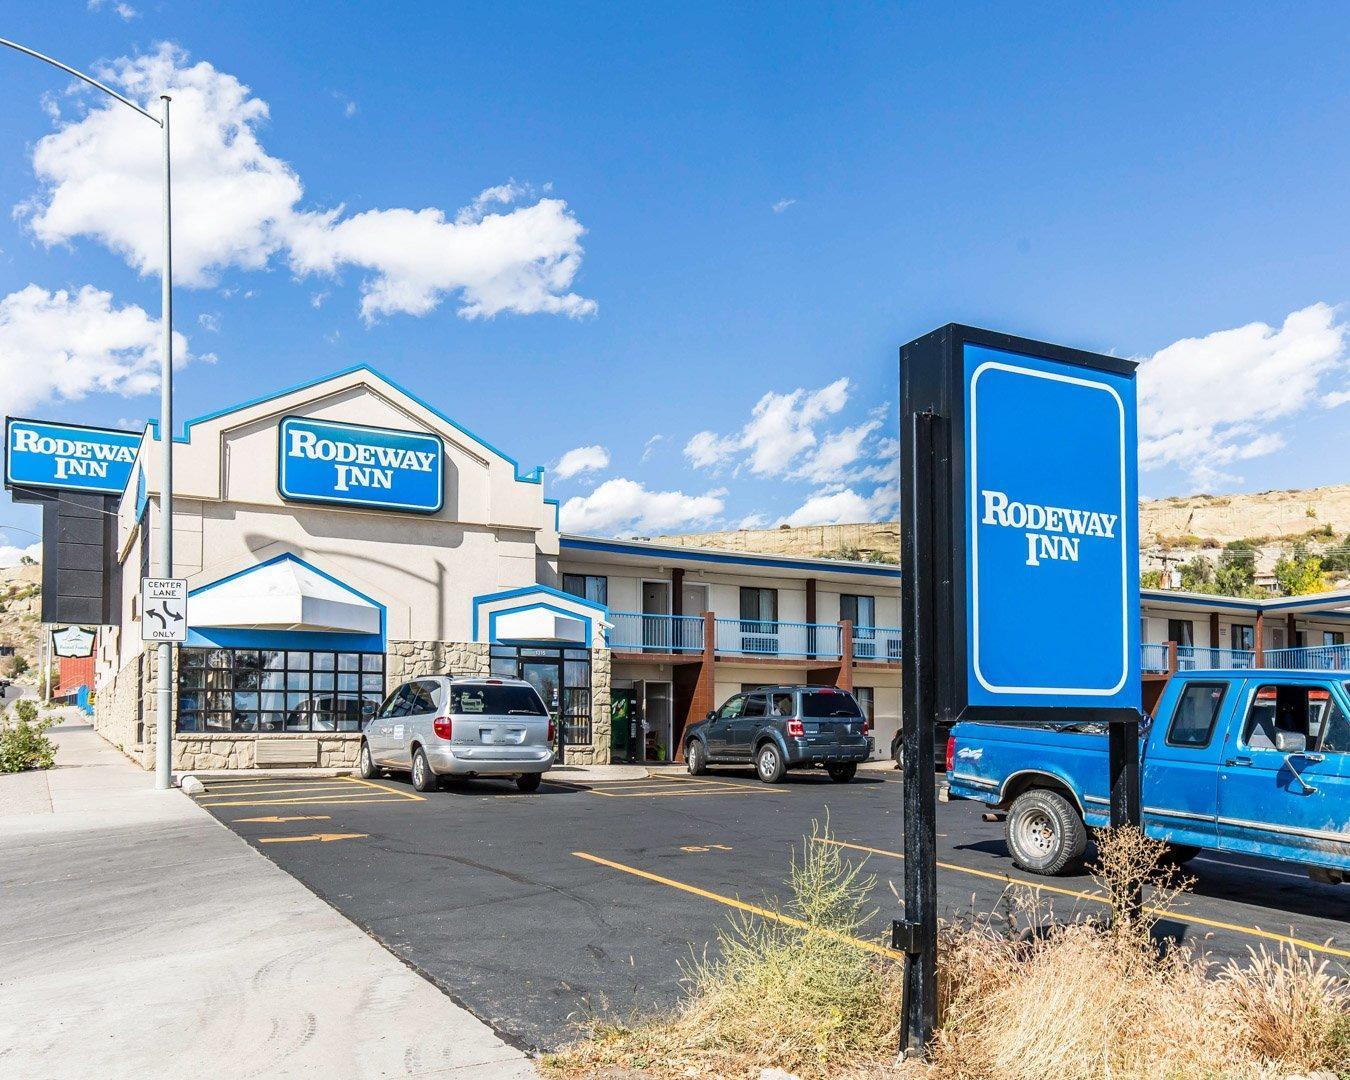 Rodeway Inn - Billings, MT - Business Profile